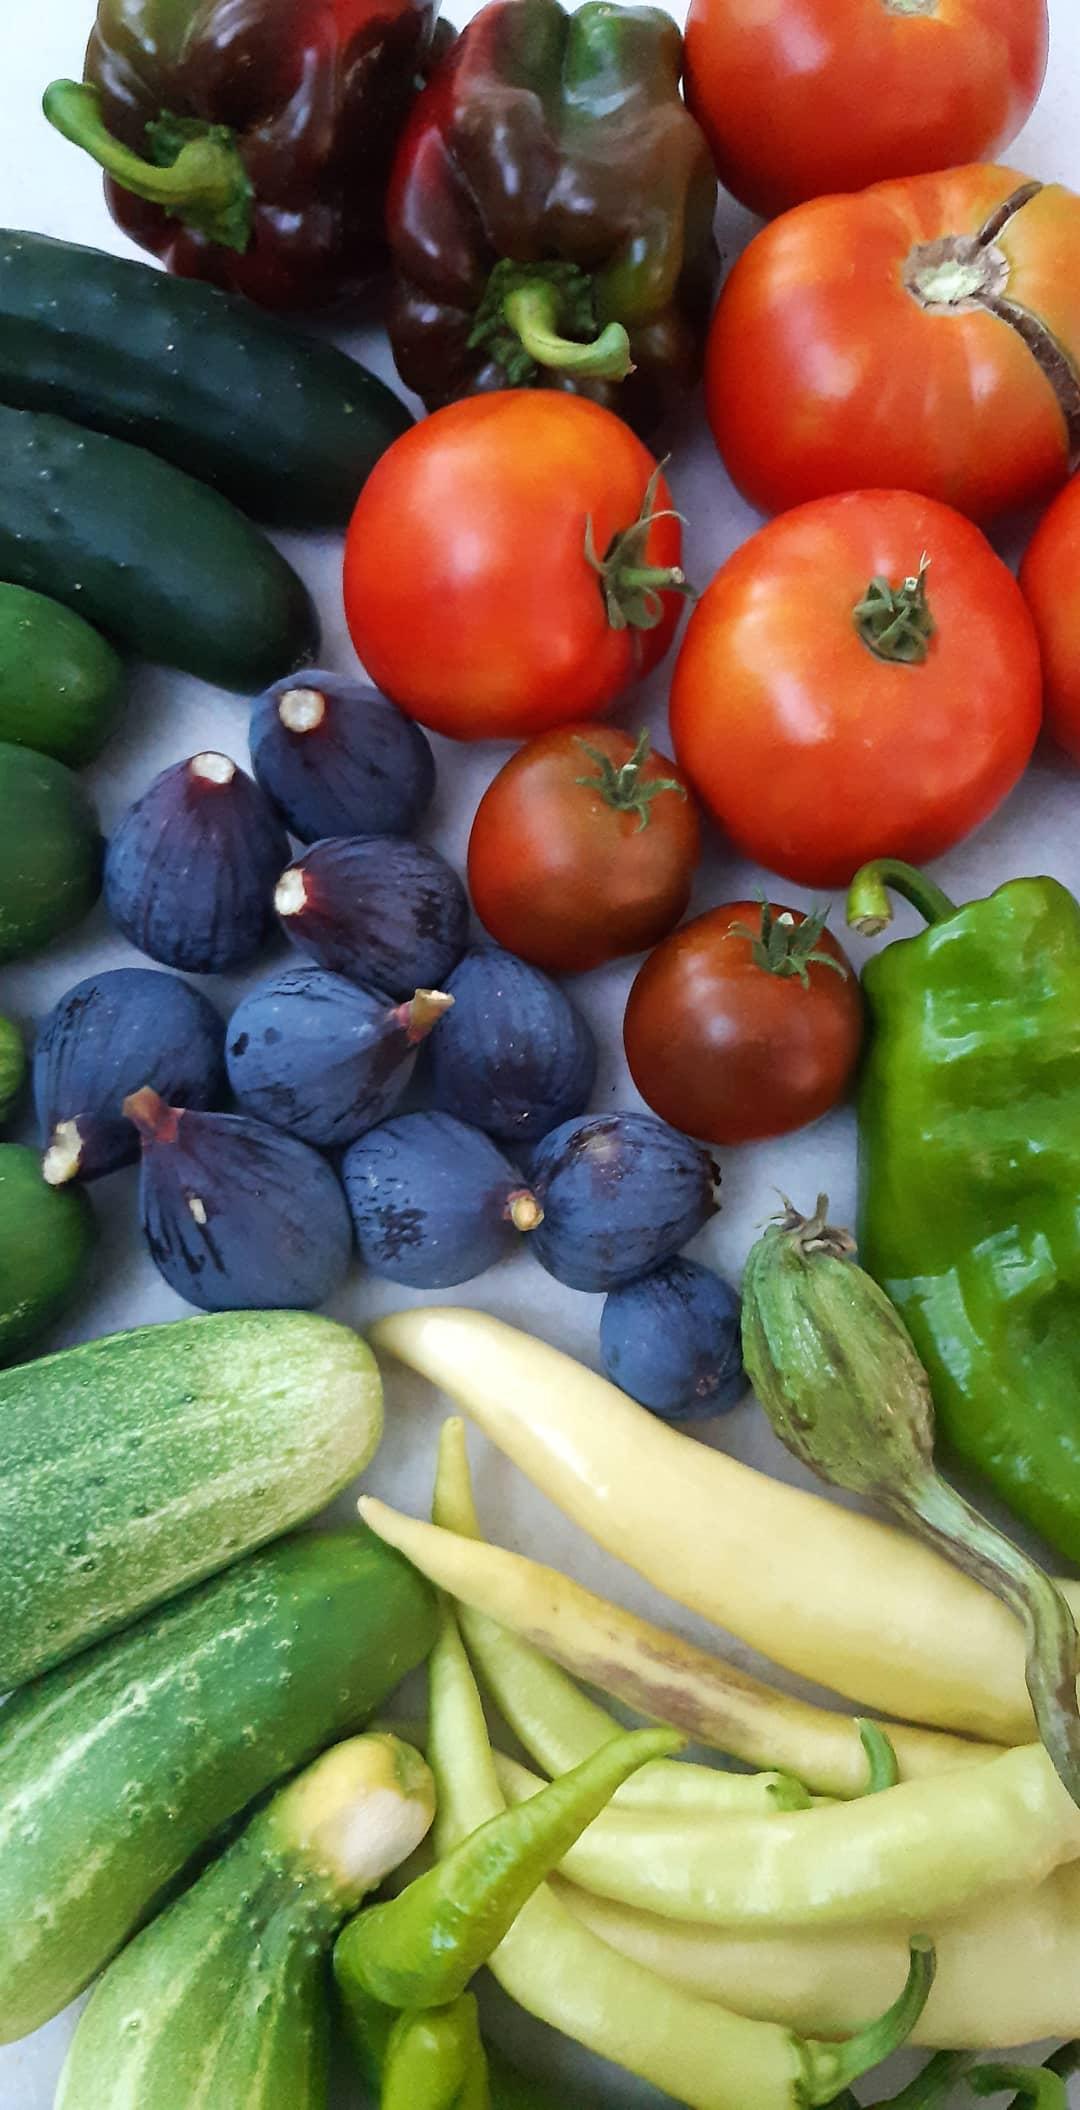 Oferta Cesta frutas y verduras de montaña reconversión a ECO de mis abuelos